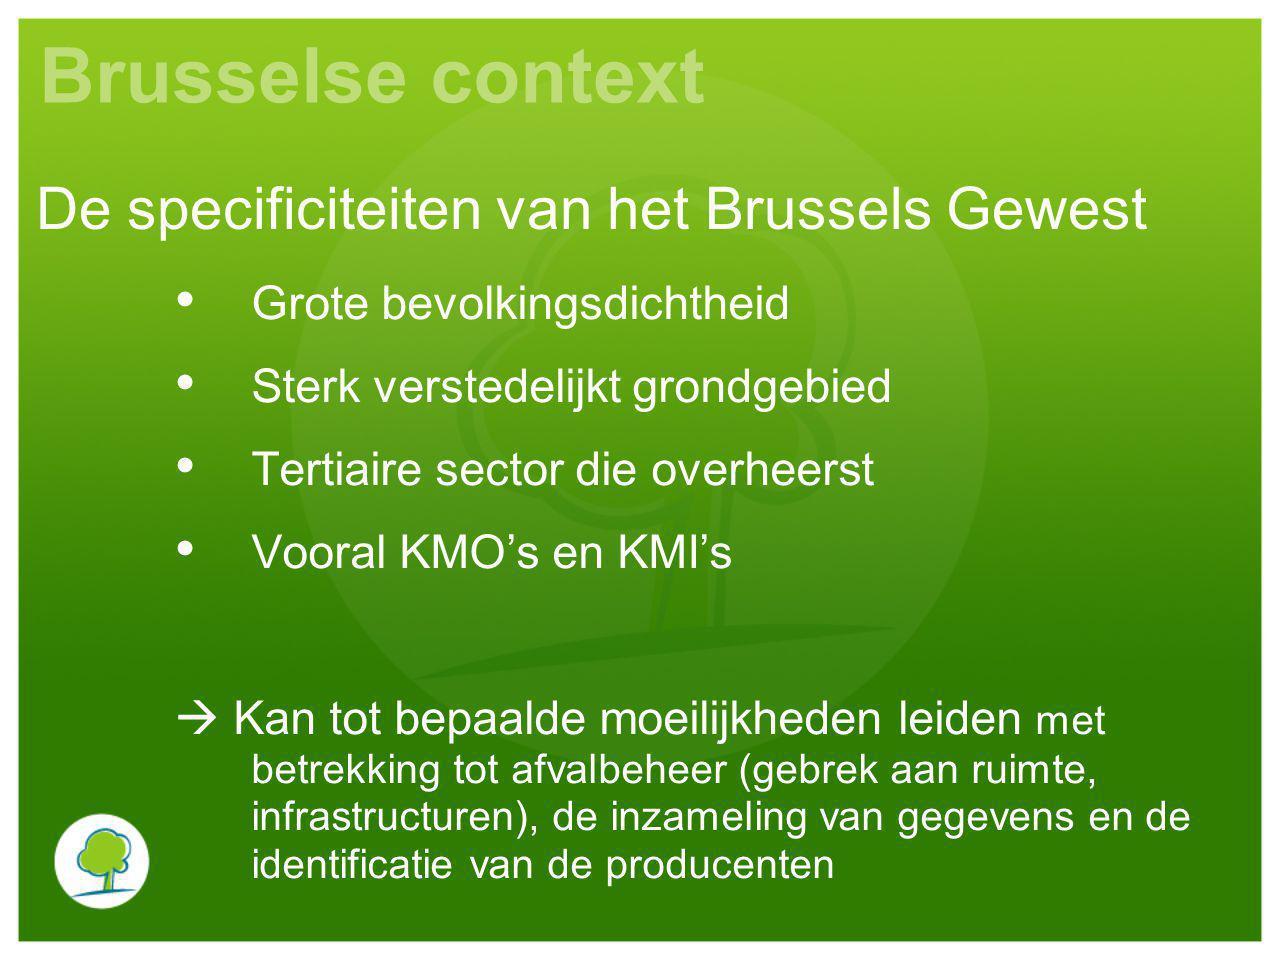 Brusselse context Grote bevolkingsdichtheid Sterk verstedelijkt grondgebied Tertiaire sector die overheerst Vooral KMO's en KMI's  Kan tot bepaalde moeilijkheden leiden met betrekking tot afvalbeheer (gebrek aan ruimte, infrastructuren), de inzameling van gegevens en de identificatie van de producenten De specificiteiten van het Brussels Gewest